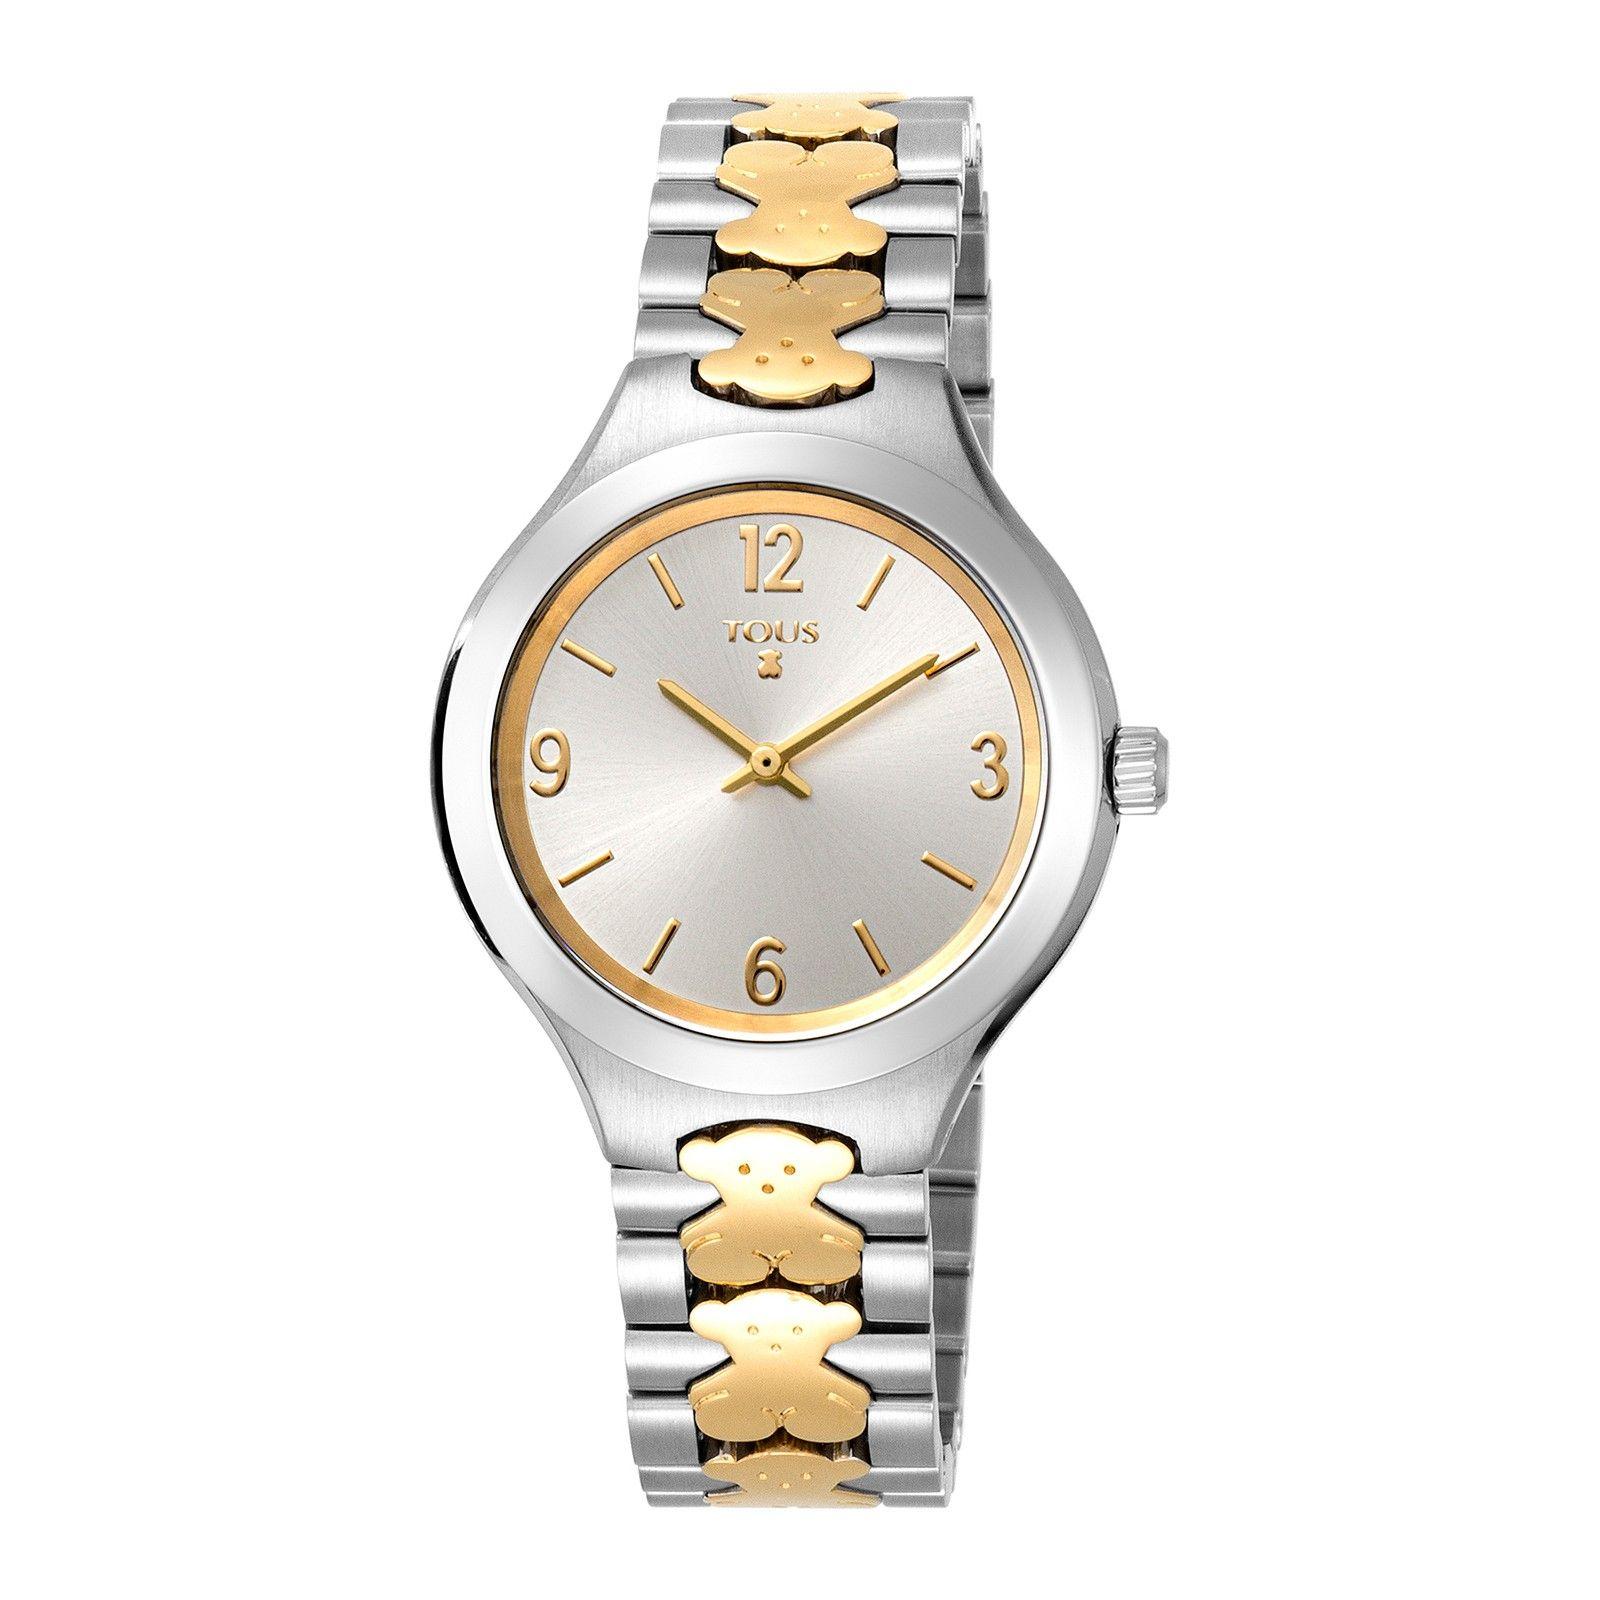 Reloj New Praga plateado y dorado de acero inoxidable - Tous